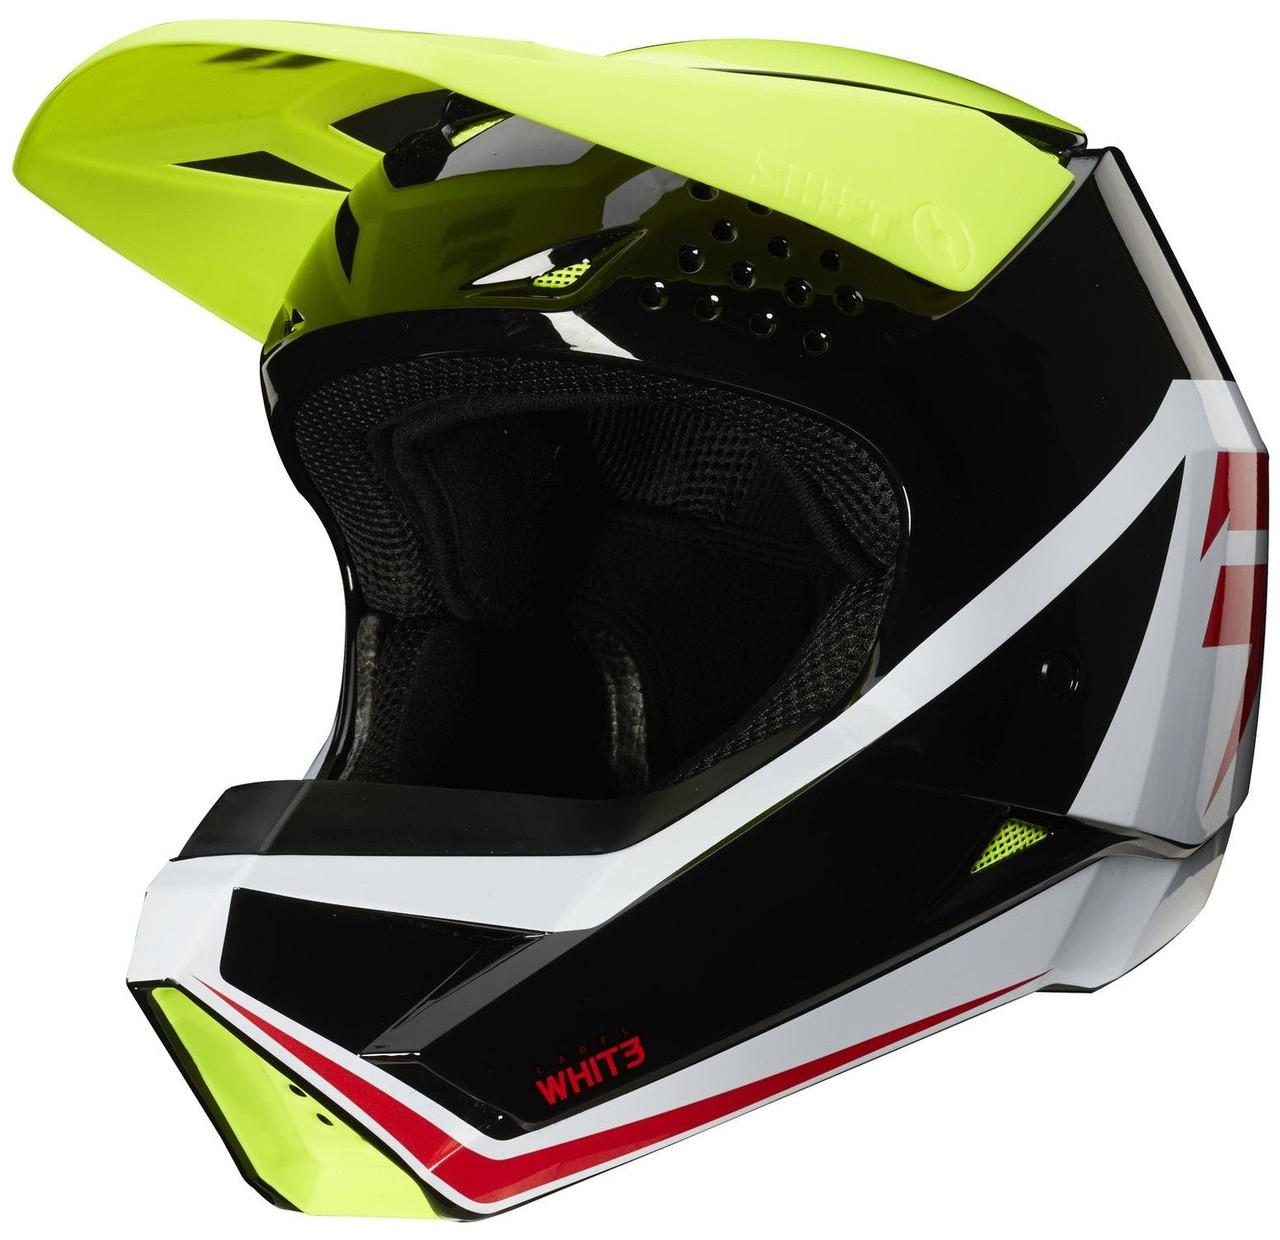 Детский мотошлем SHIFT Youth WHIT3 Label Helmet черный/белый/желтый, YM